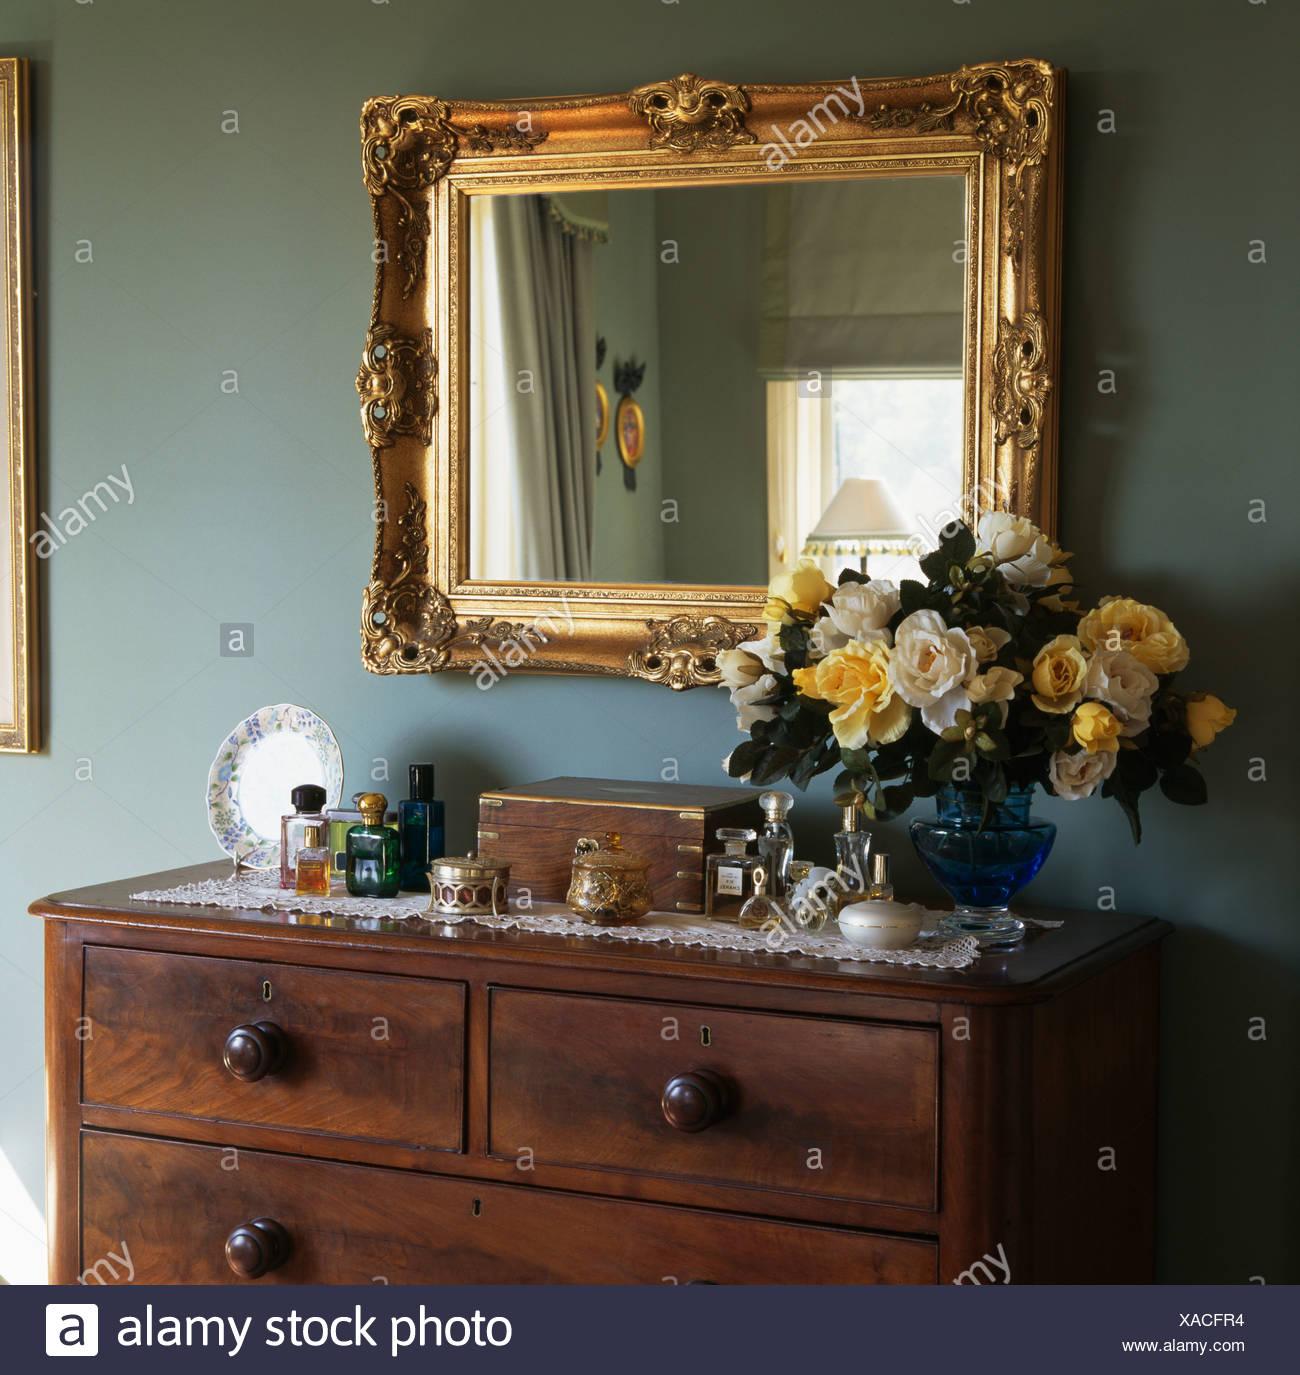 Schlafzimmer kommode antik senioren schlafzimmer mit einzelbett schlaraffia geltex kopfkissen - Spiegel uber kommode ...